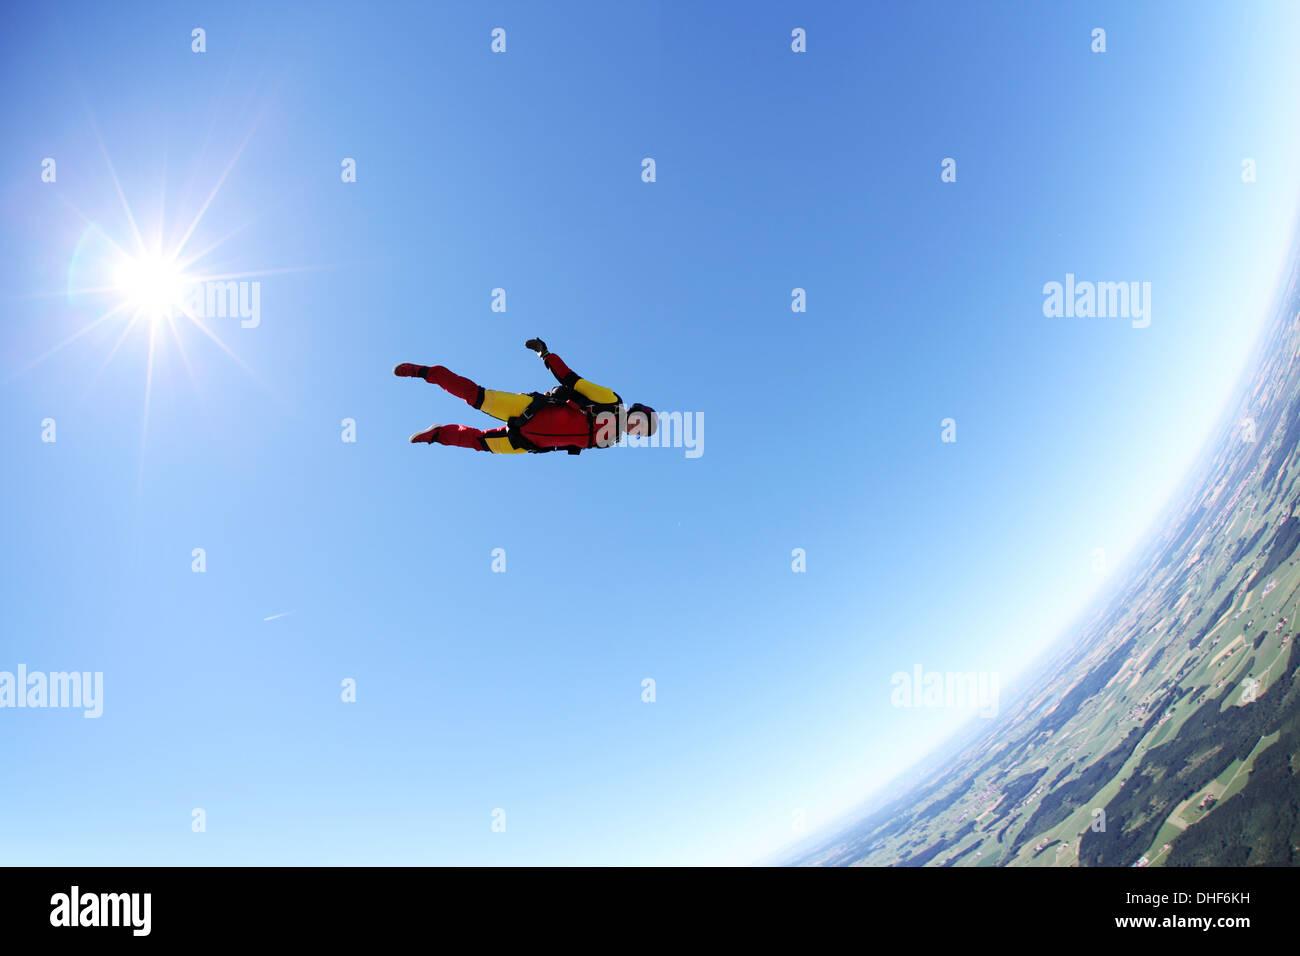 Paracadutista in caduta libera a faccia in giù sopra Leutkirch, Baviera, Germania Immagini Stock